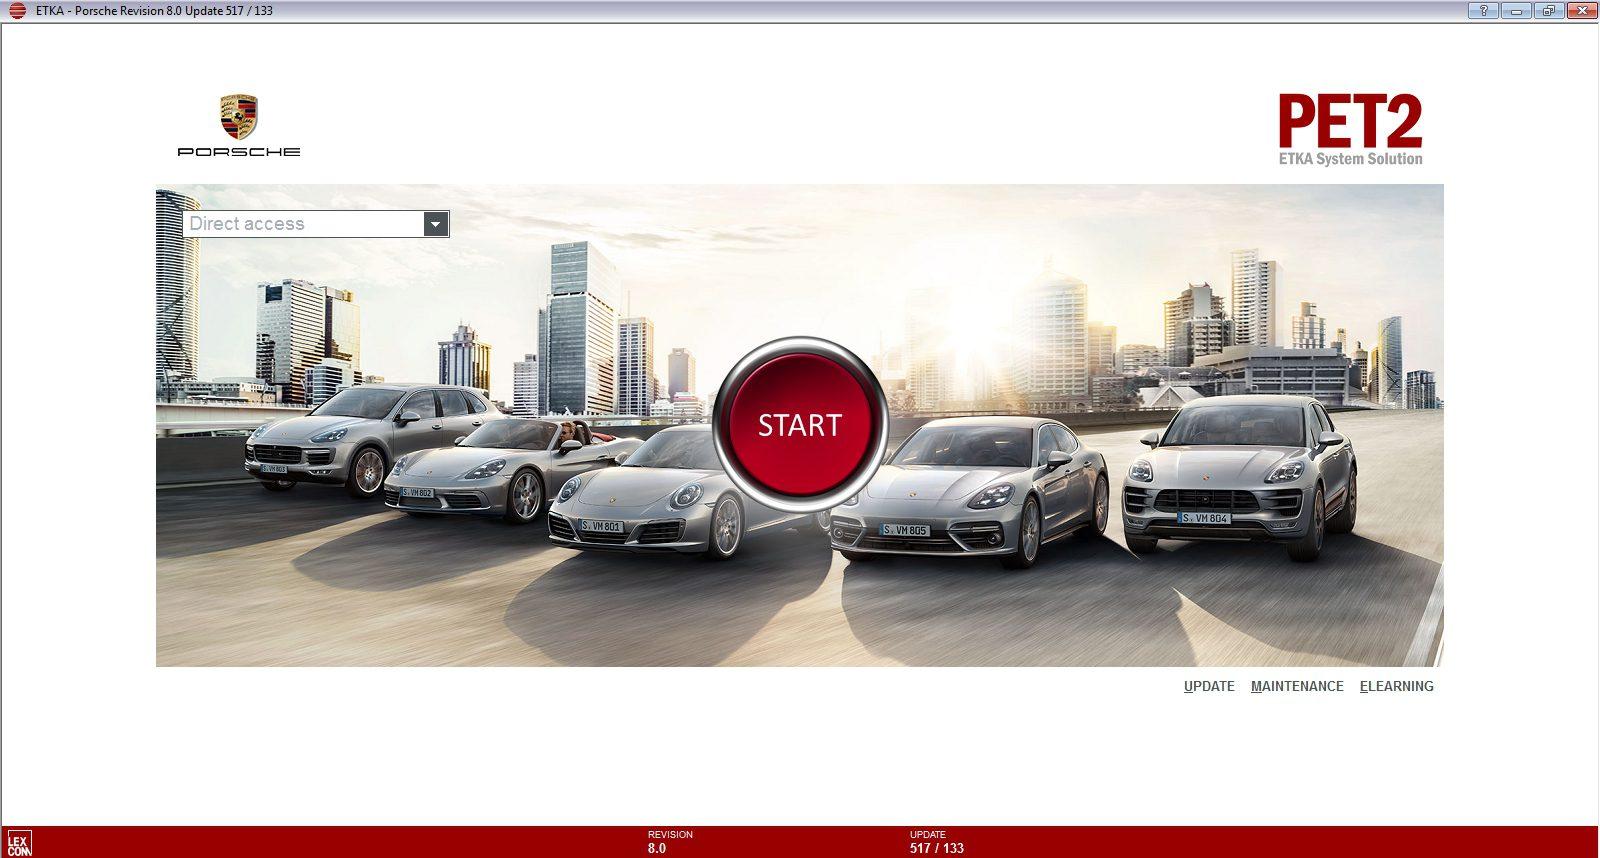 Porsche_PET2_80_Q3_072019_1